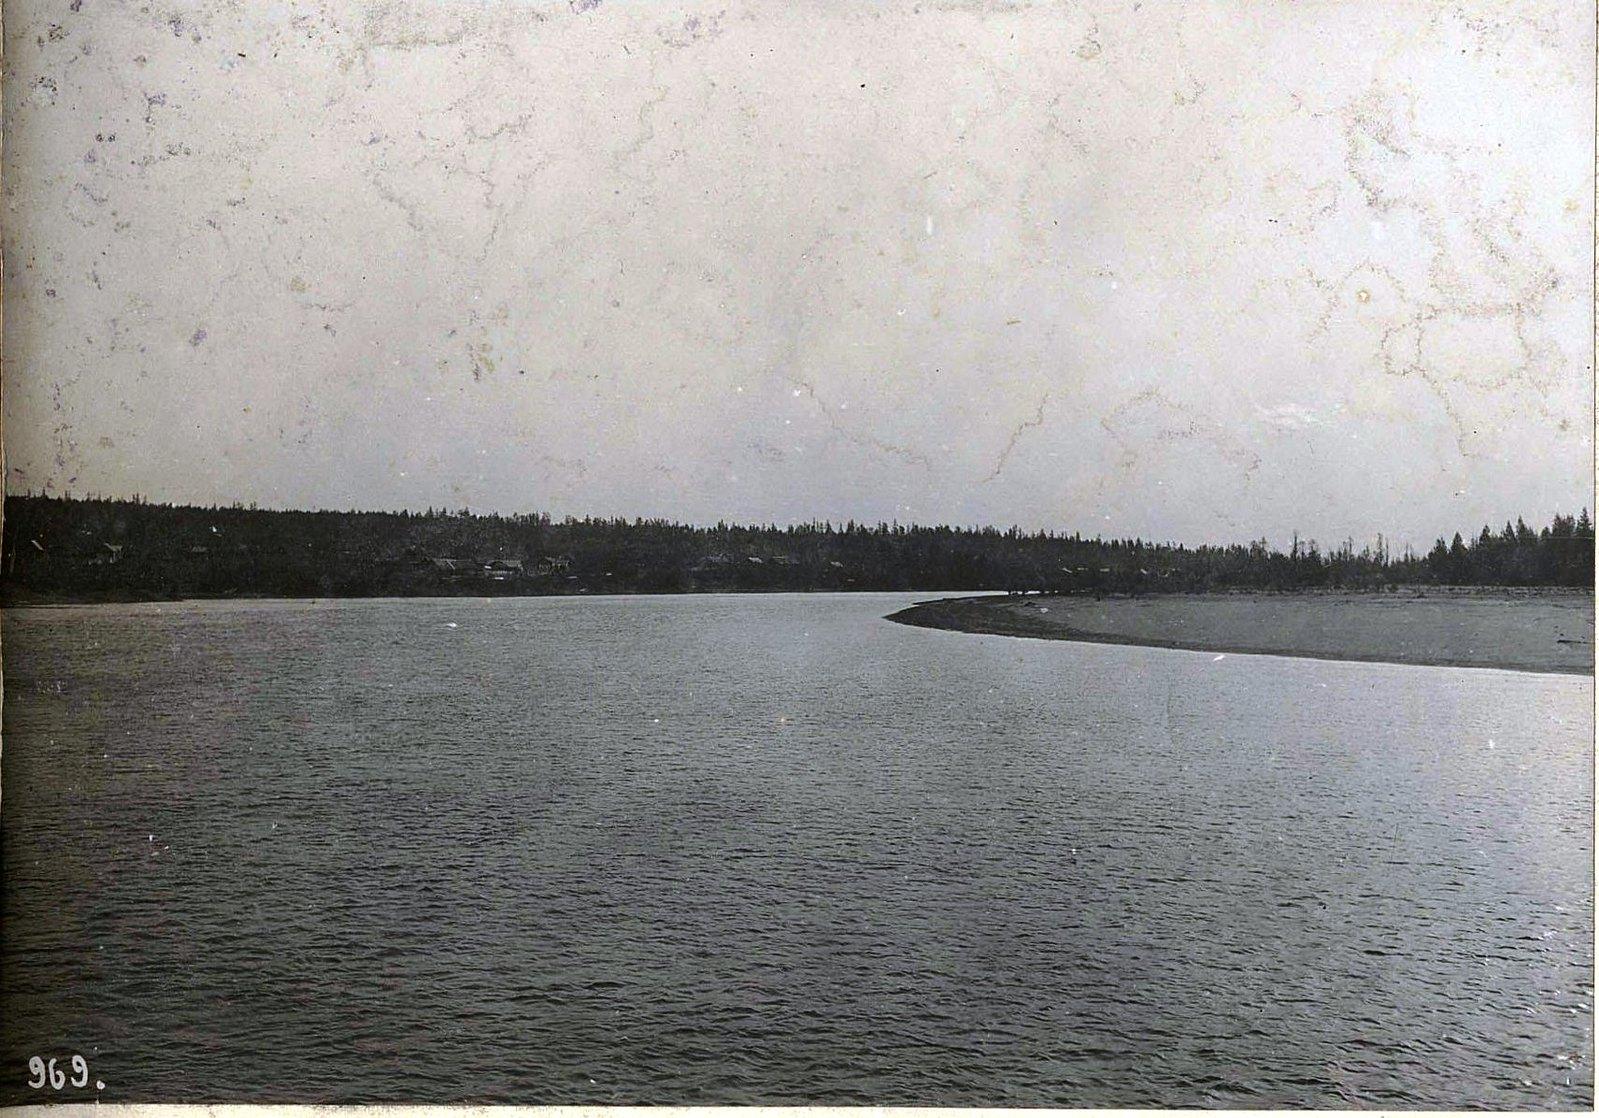 969. Путешествуя по реке (7)